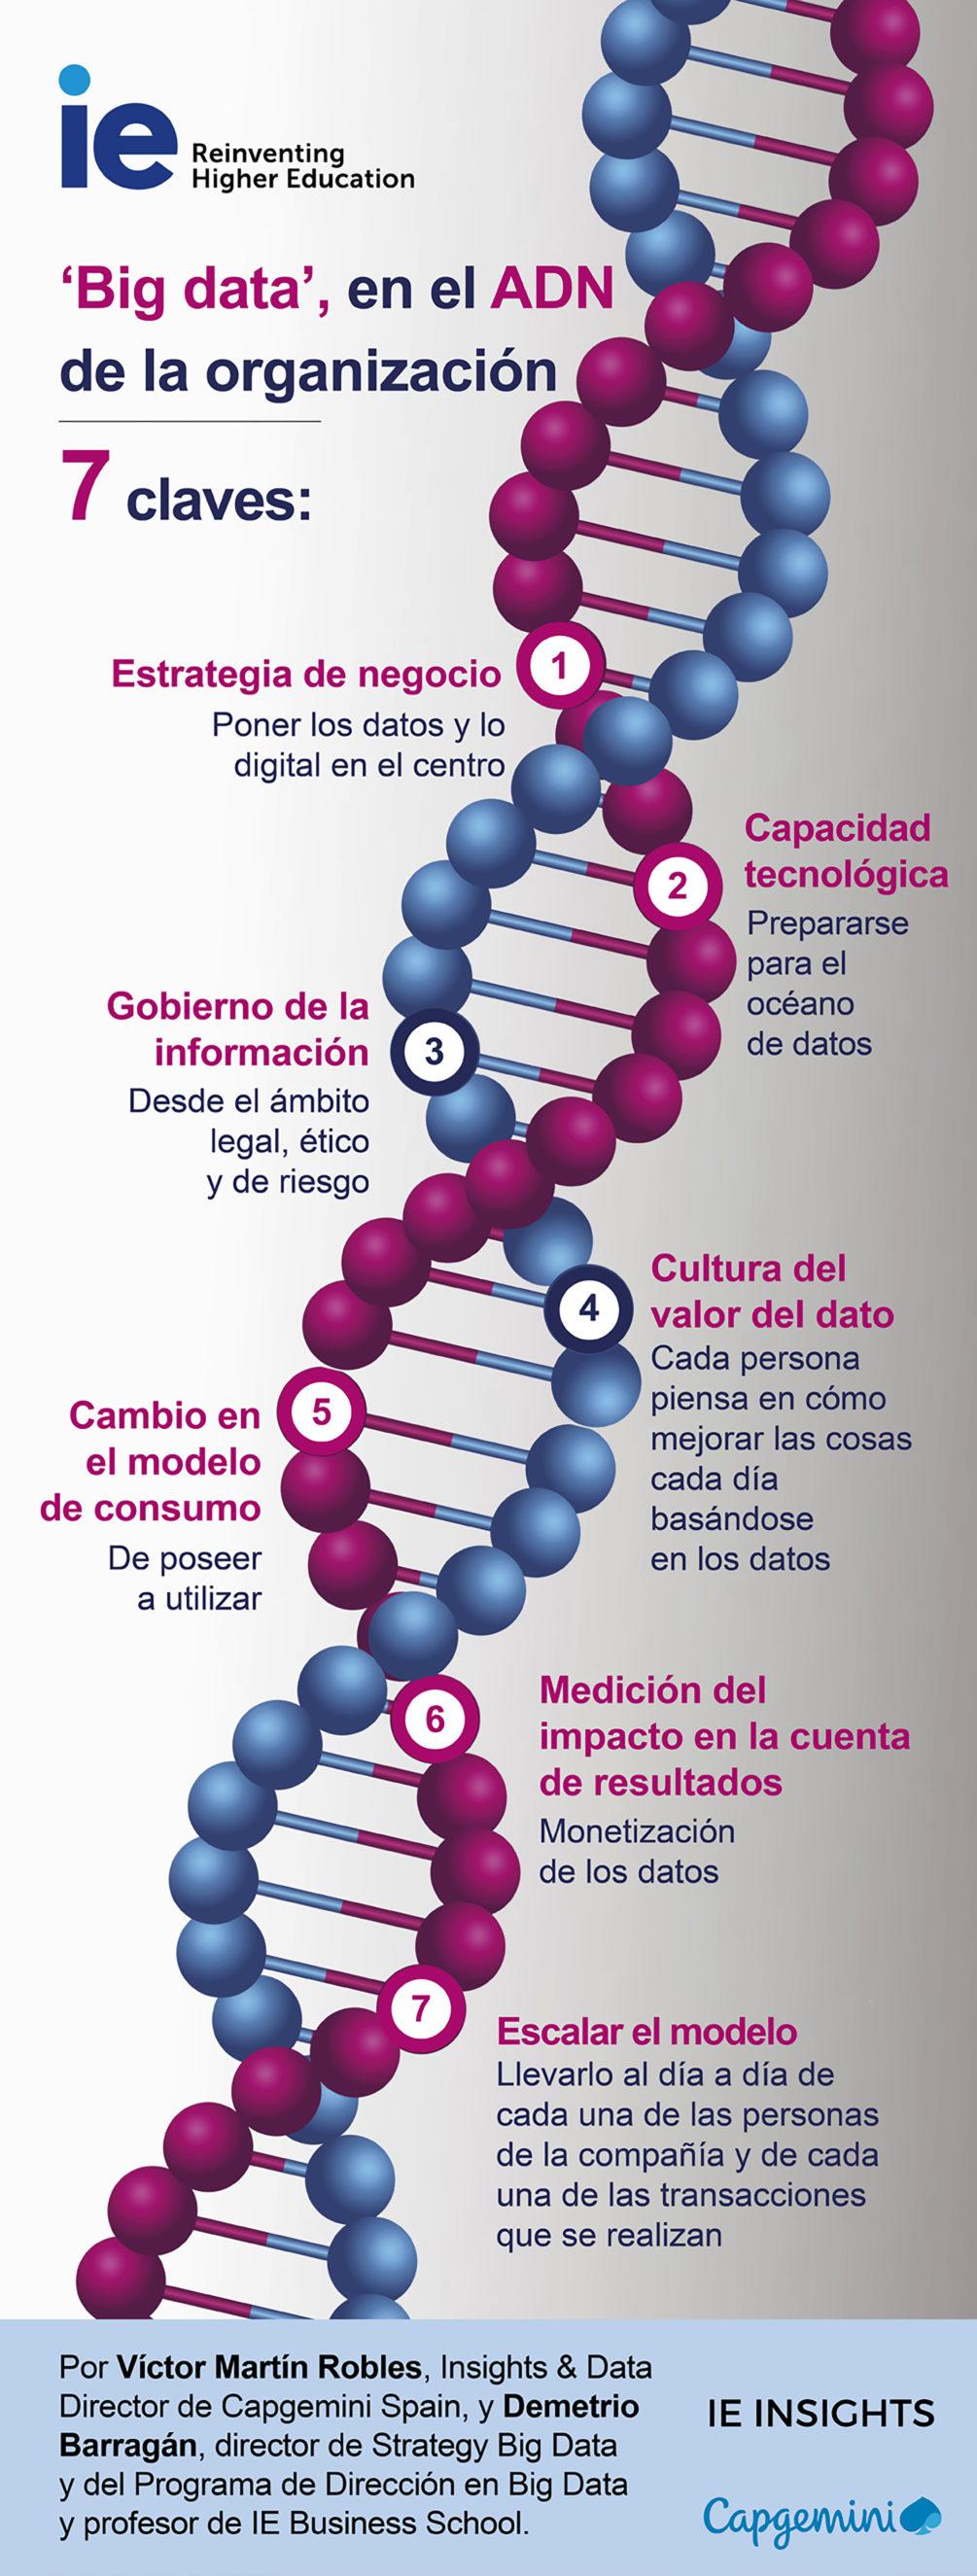 'Big data', en el ADN de la organización